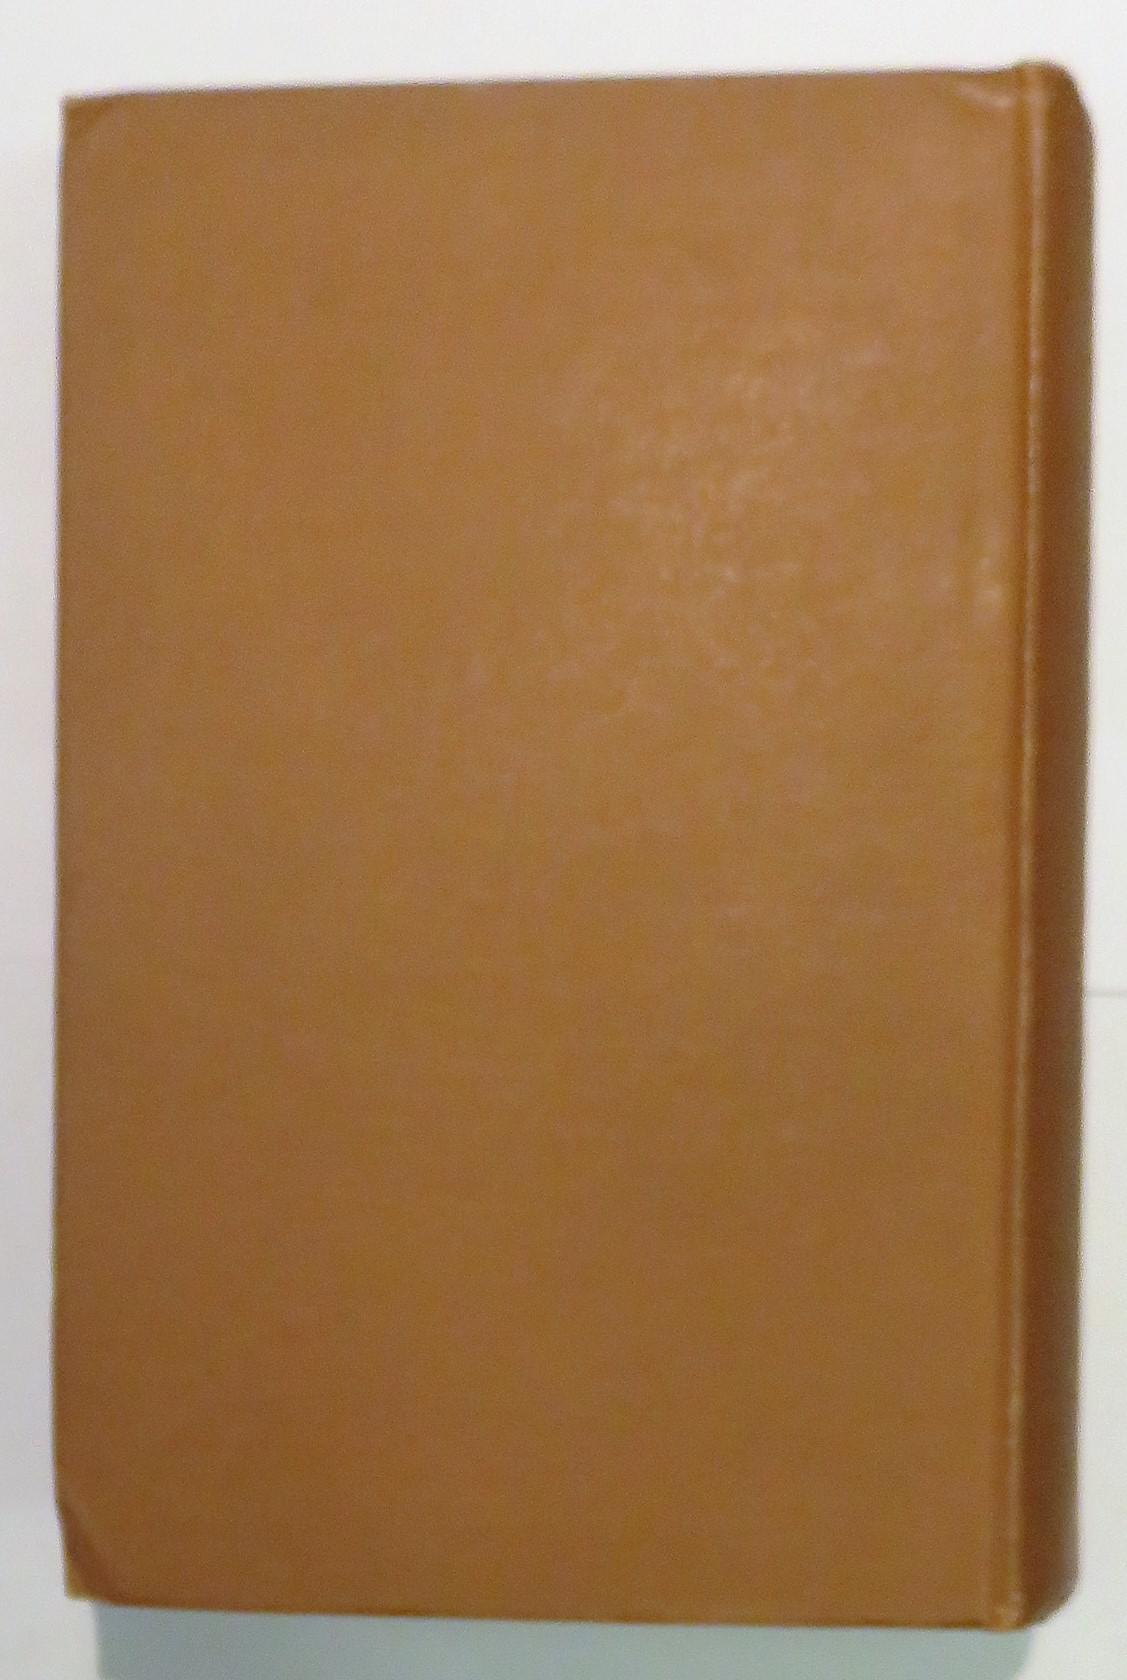 **John Wisden's Cricketers' Almanack for 1935**